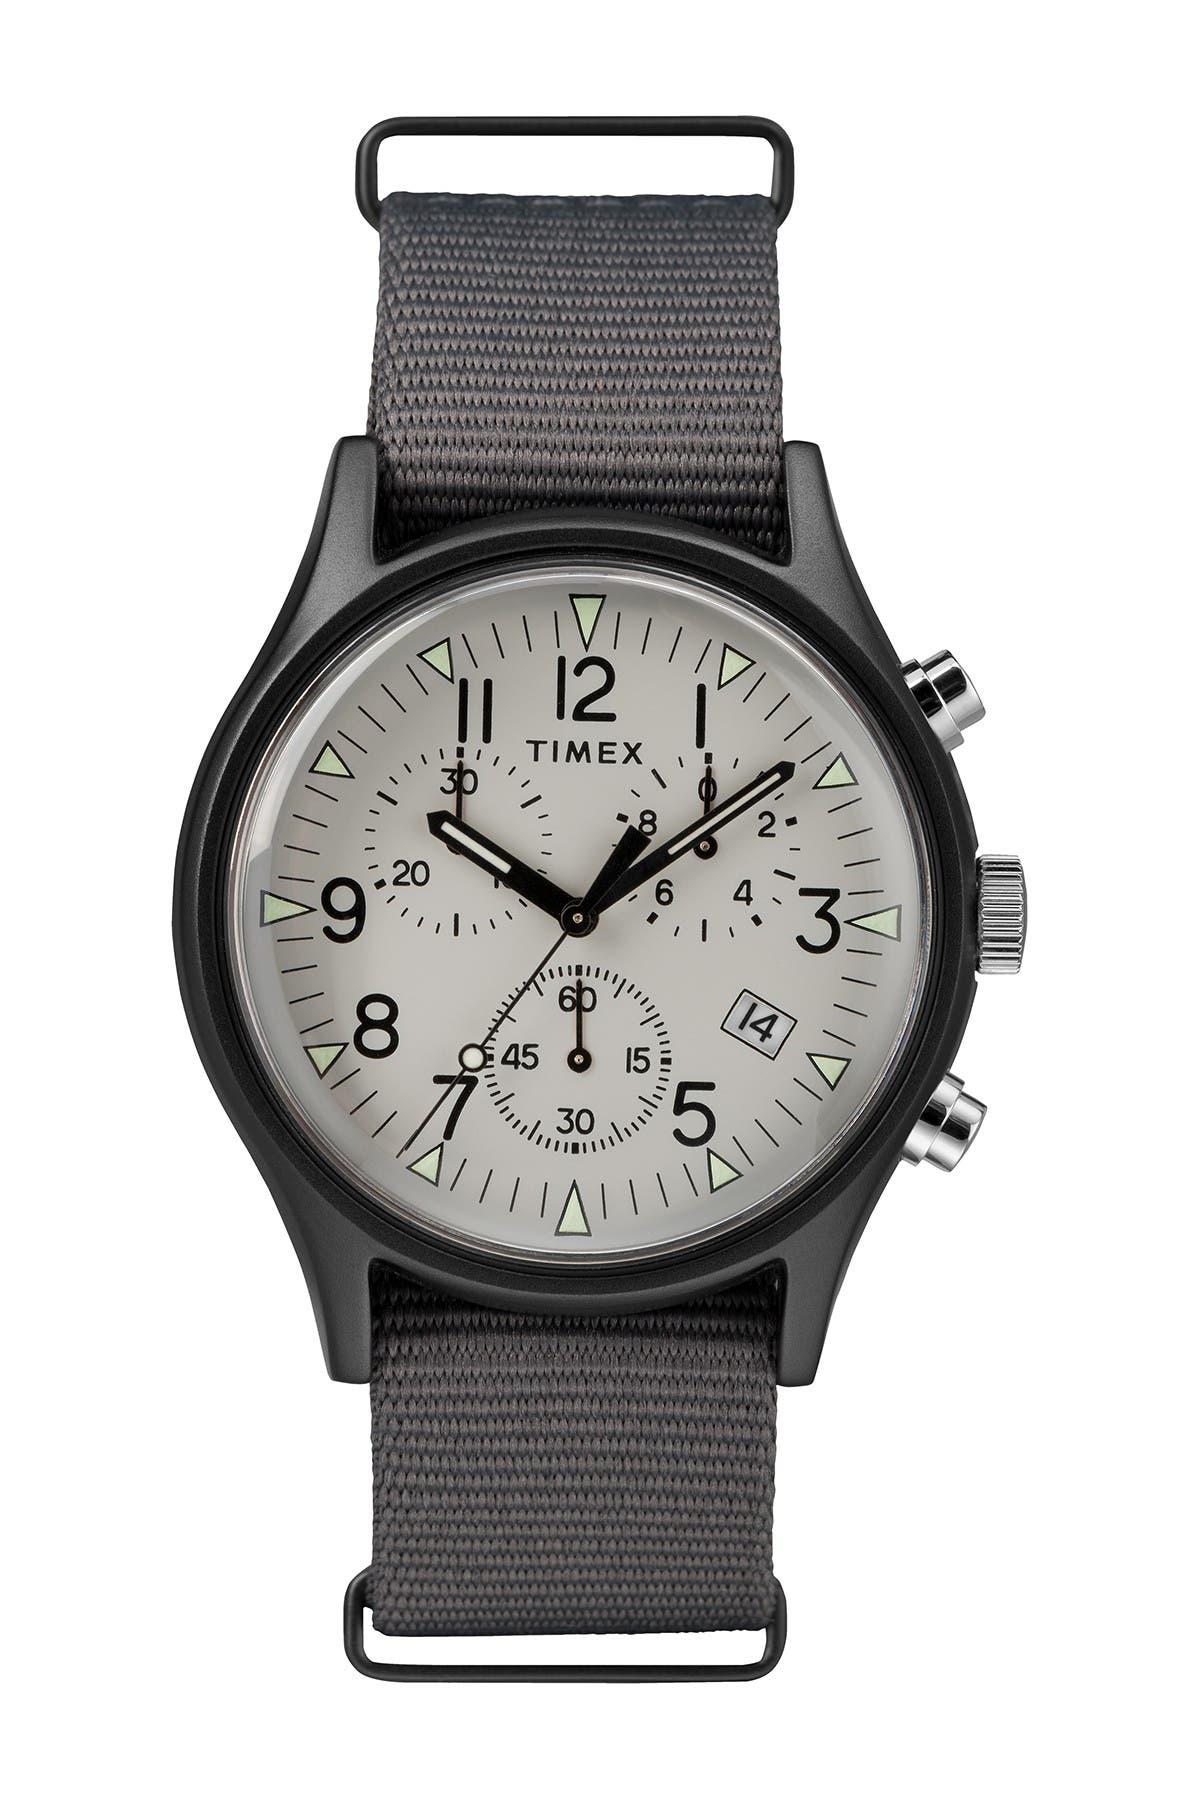 TIMEX (R) MK1 ALUM CHRONO WATCH